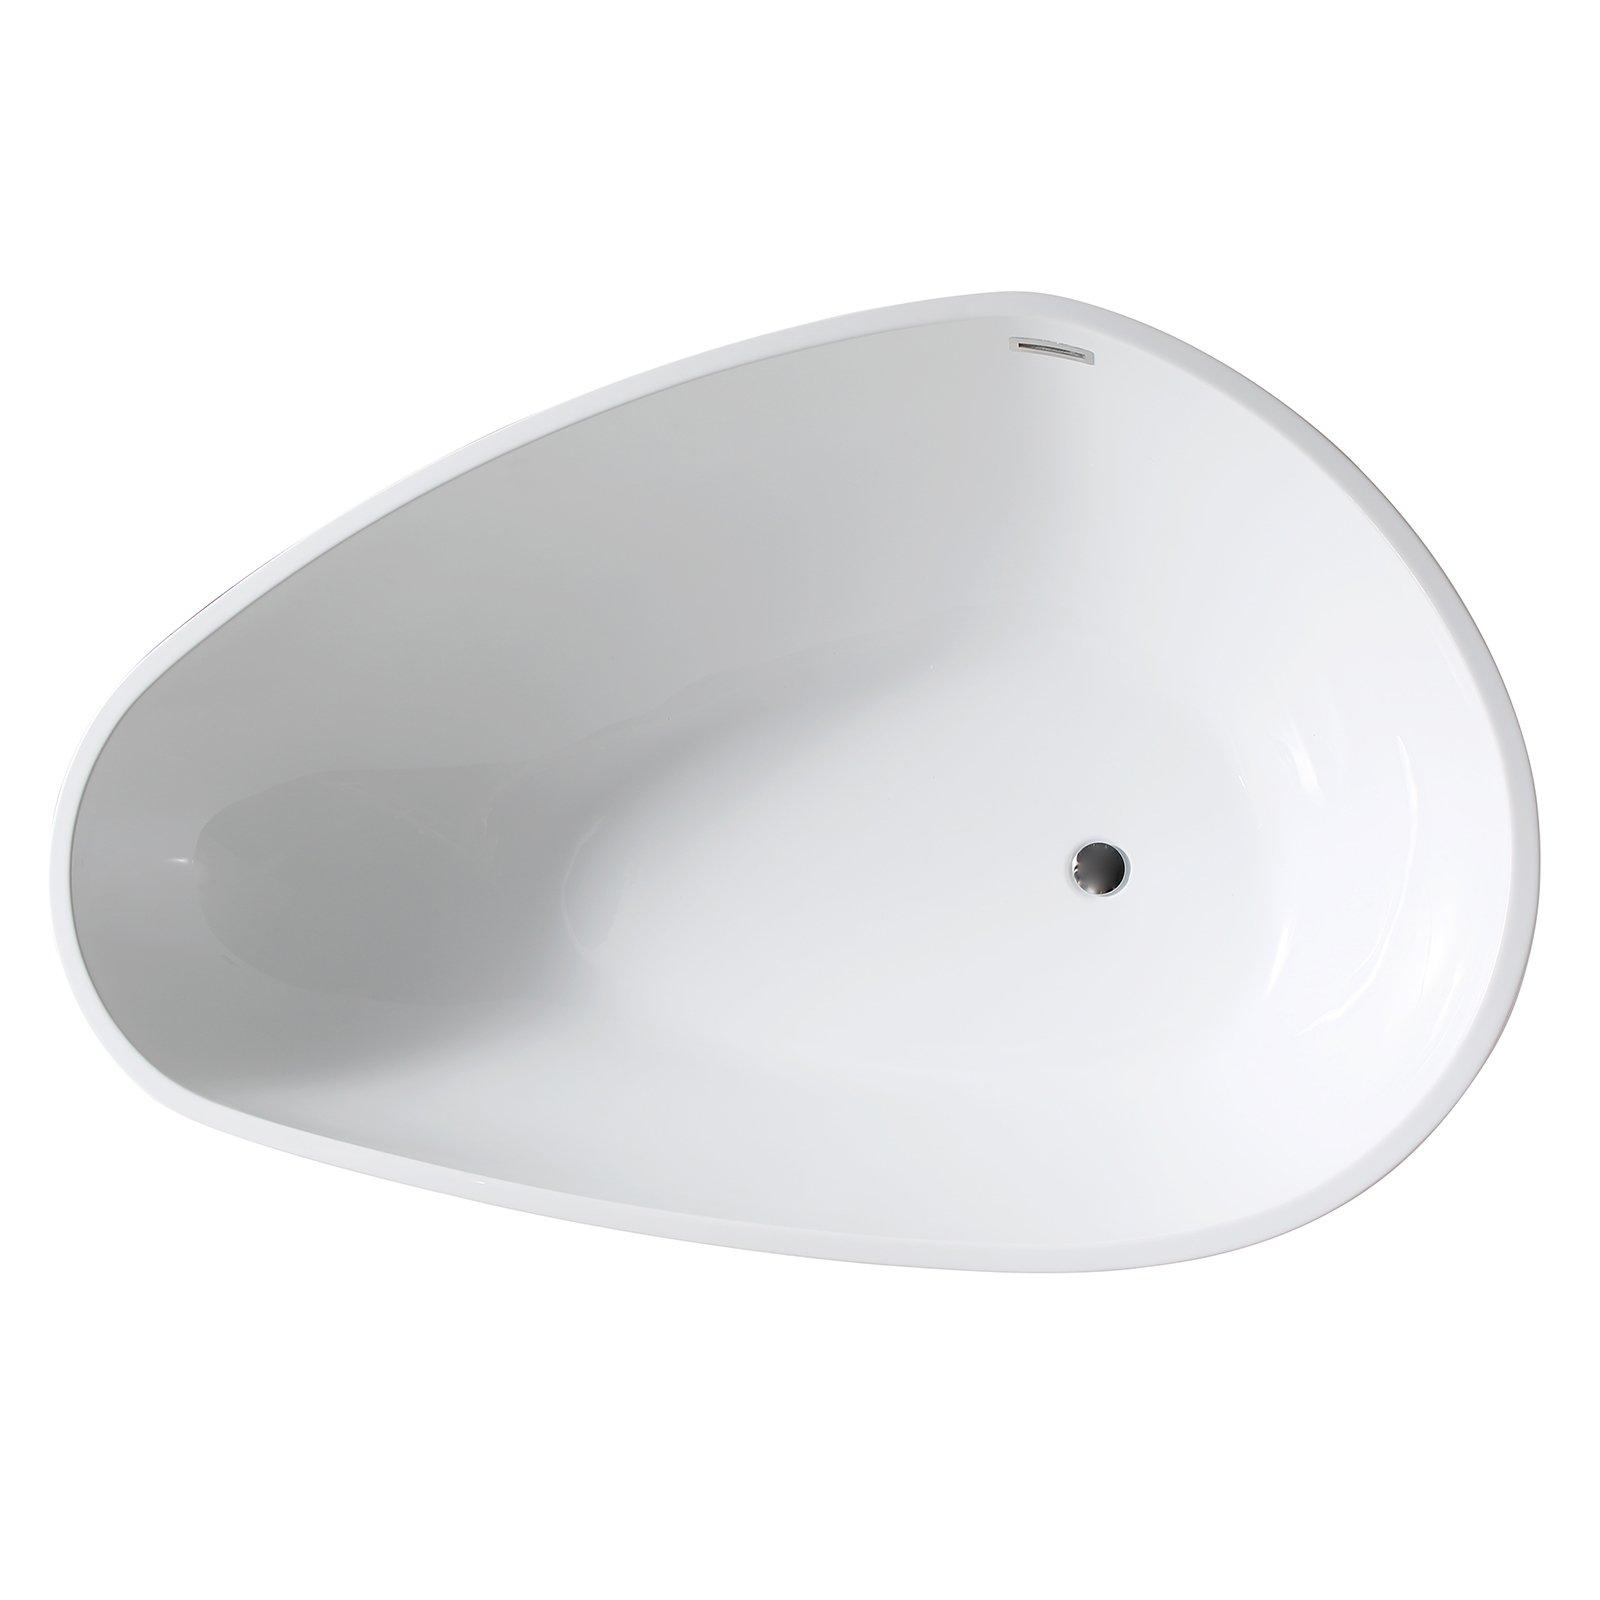 Freistehende Badewanne VENETO Acryl Weiß oder Schwarz/Weiß - Glänzend - 180 x 110 x 60 cm - Standarmatur wählbar zoom thumbnail 5